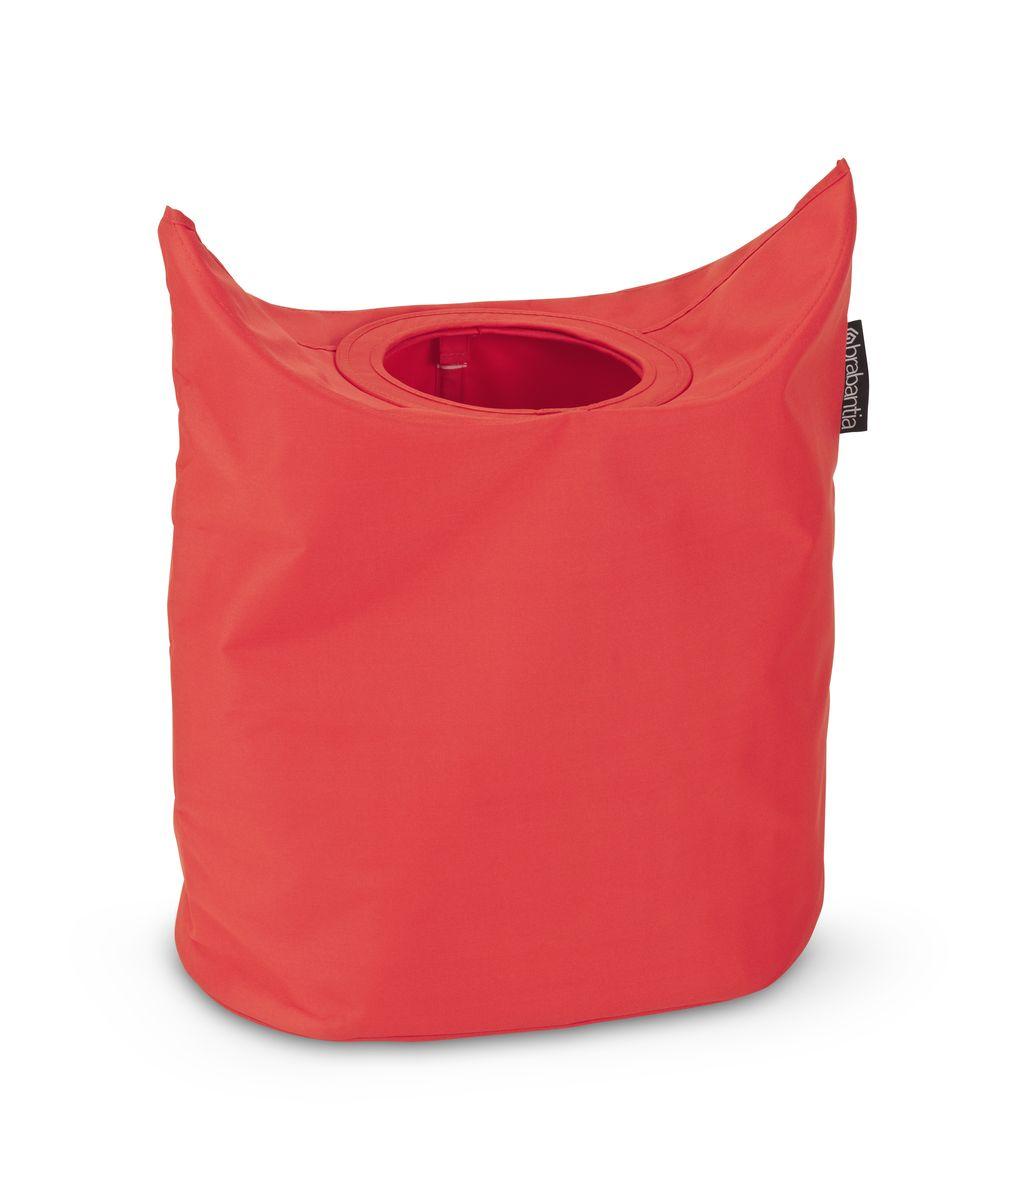 Сумка для белья Brabantia, цвет: красный. 102523102523Оригинальная сумка для белья экономит место и превращает вашу стирку в увлекательное занятие. С помощью складывающихся магнитных ручек сумка закрывается и превращается в корзину для белья с загрузочным отверстием. Собрались стирать? Поднимите ручки, и ваша сумка готова к использованию. Загрузочное отверстие для быстрой загрузки белья – просто сложите магнитные ручки; Большие удобные ручки для переноски; Удобно загружать белье в стиральную машину – большая вместимость и широкое отверстие; 2 года гарантии Brabantia.